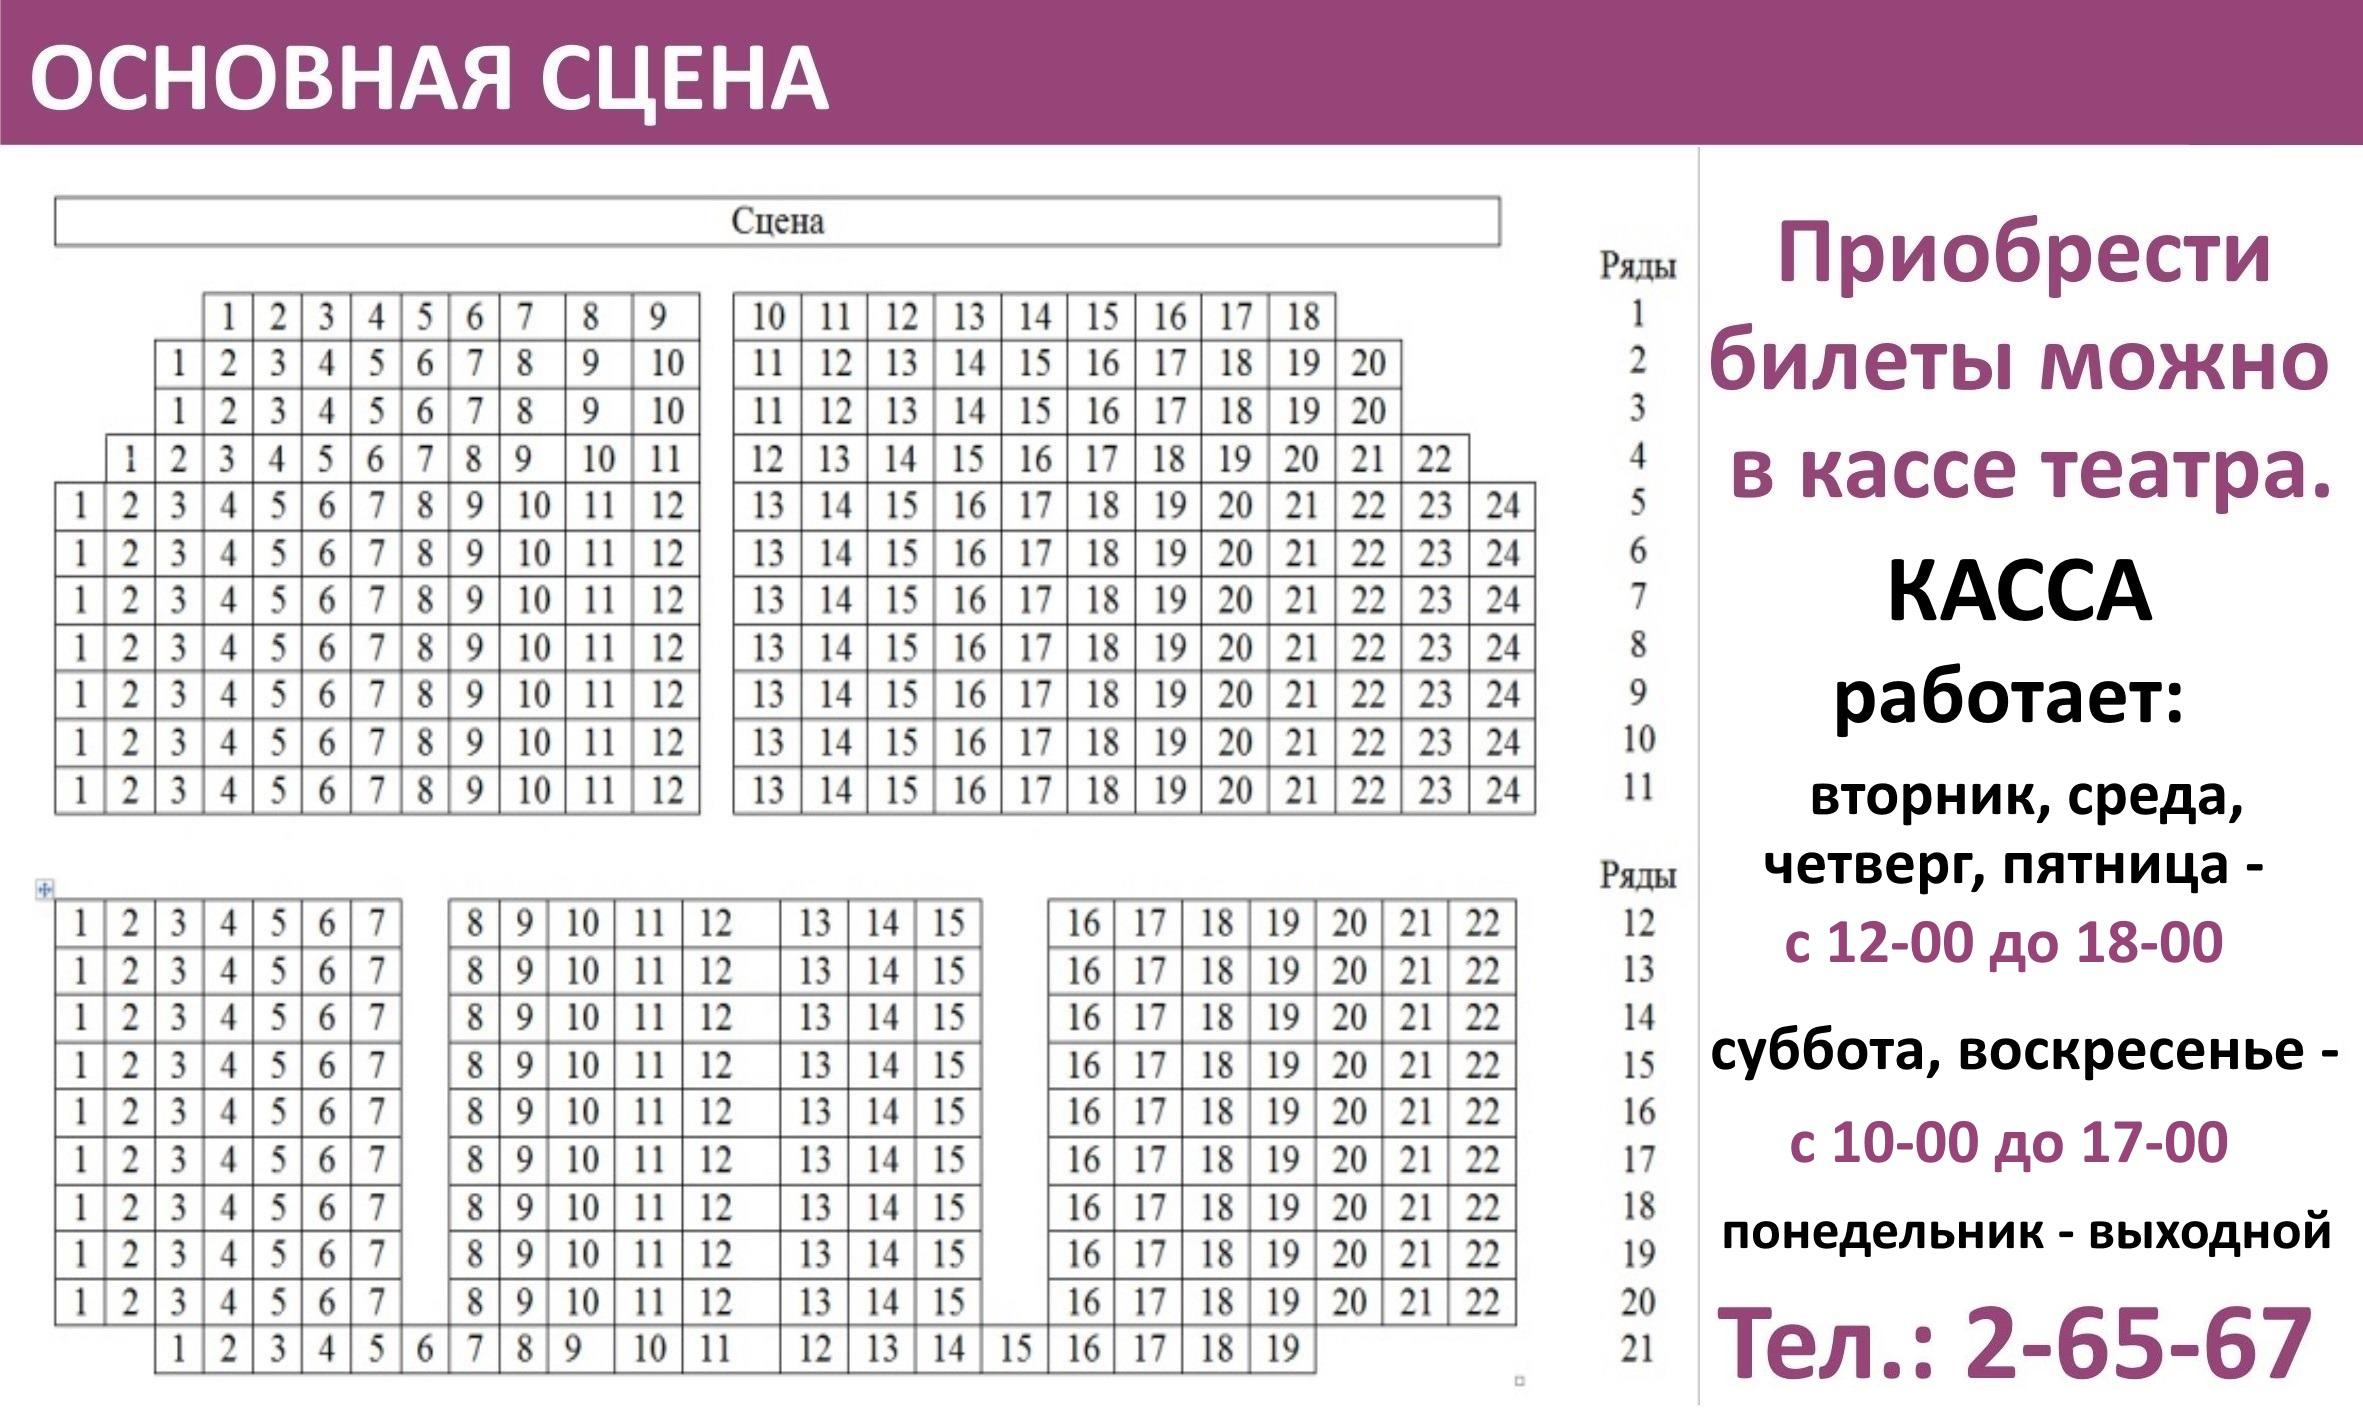 Приобрести билеты можно в кассе театра КАССА работает: ВТОРНИК, СРЕДА, ЧЕТВЕРГ, ПЯТНИЦА - с 12.00 до 18.00. СУББОТА, ВОСКРЕСЕНЬЕ - с 10.00 до 17.00. ПОНЕДЕЛЬНИК – выходной. Тел. 2-65-67.